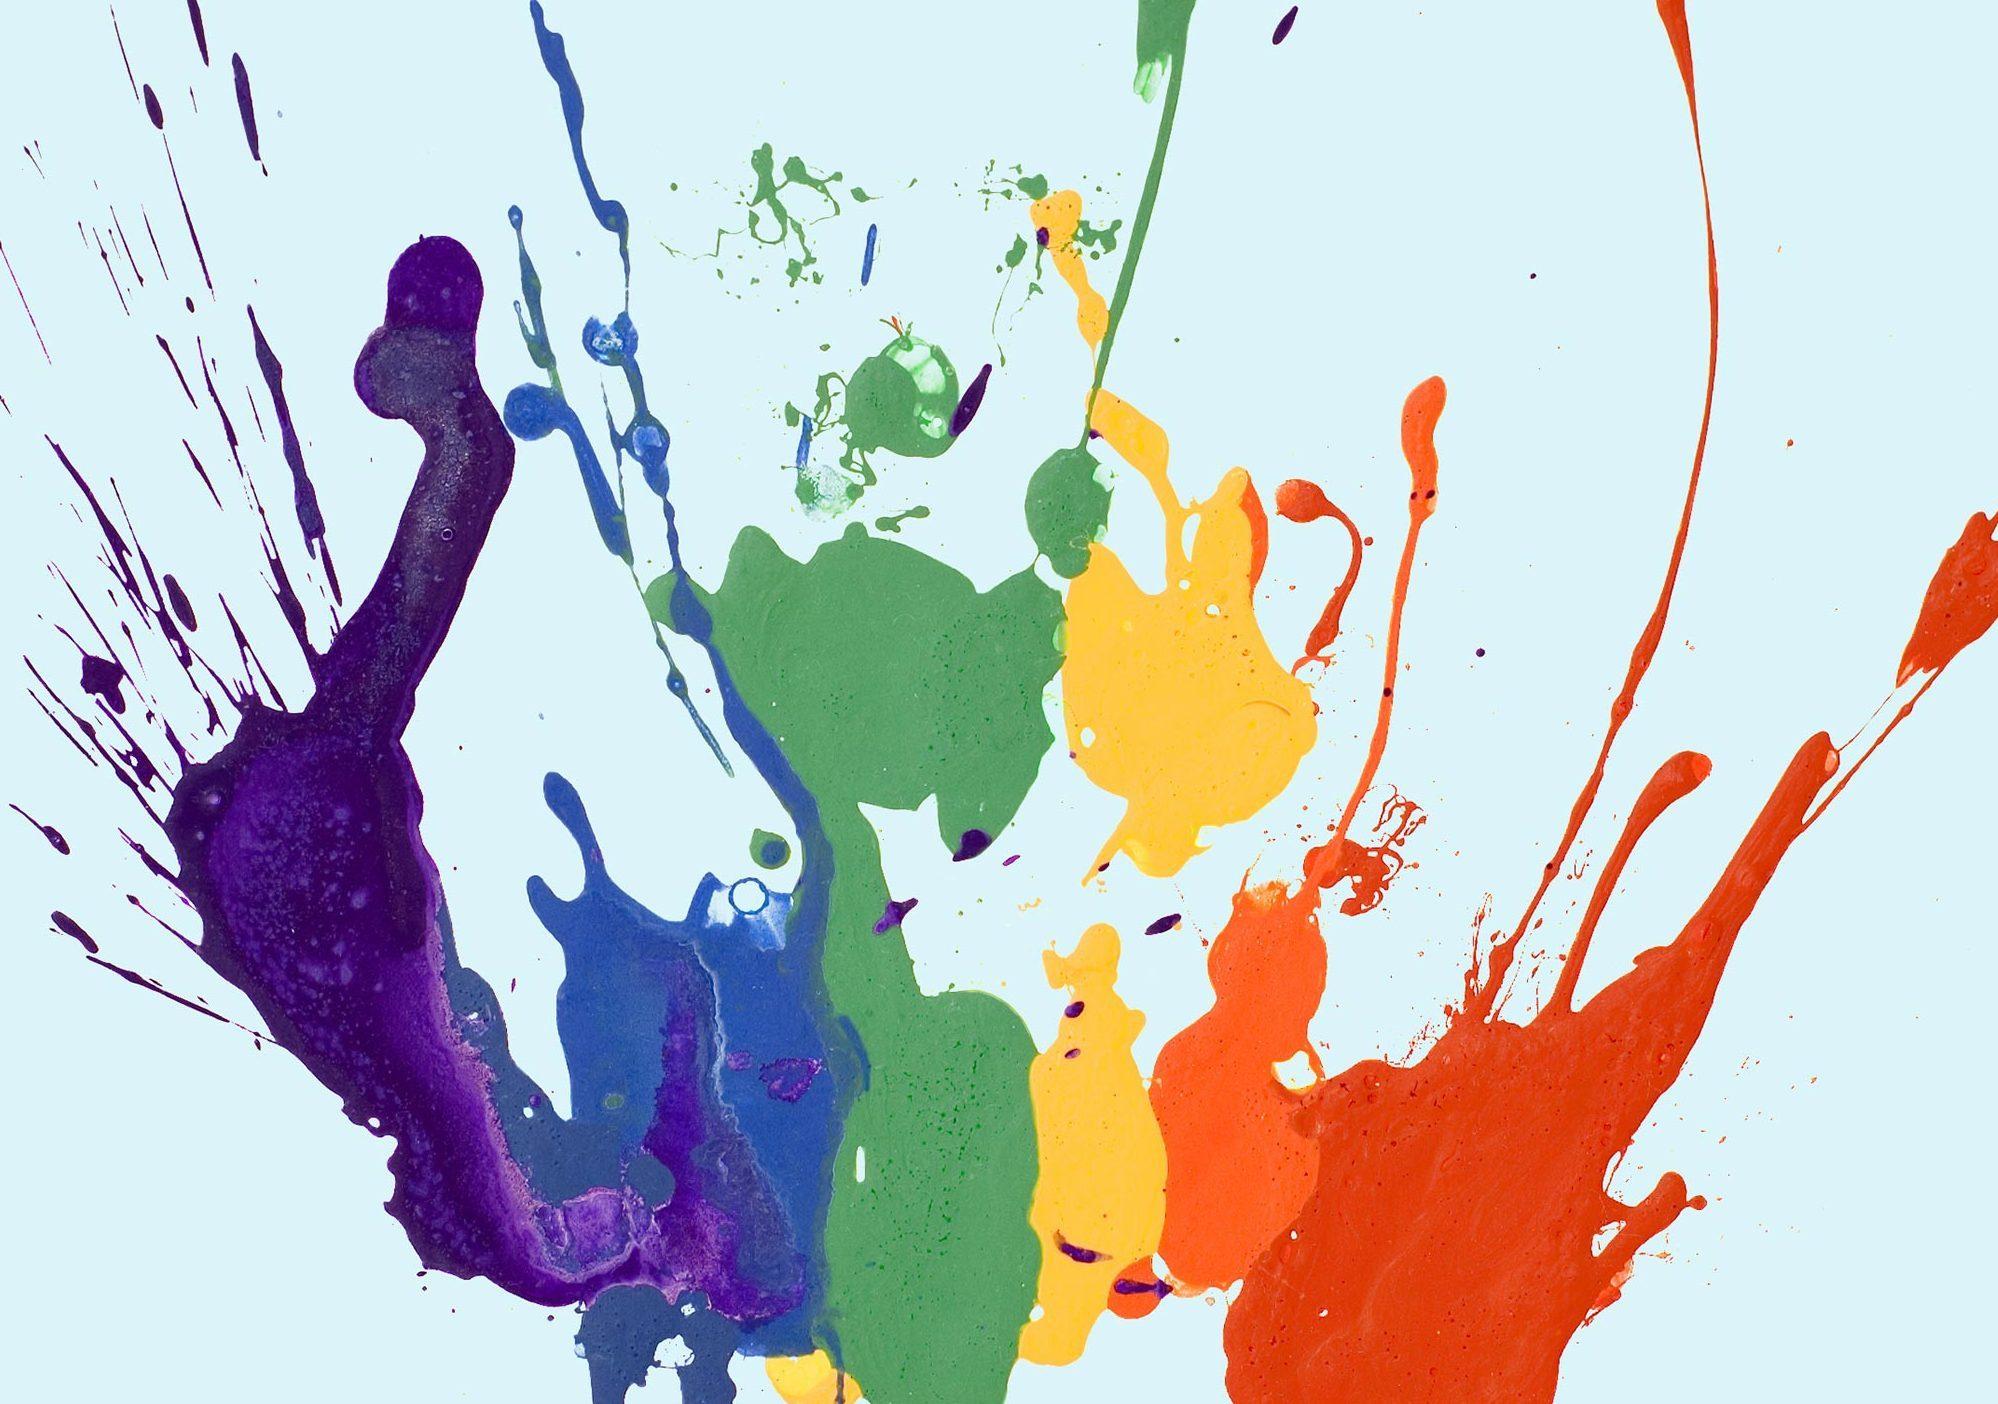 Paint splatter image